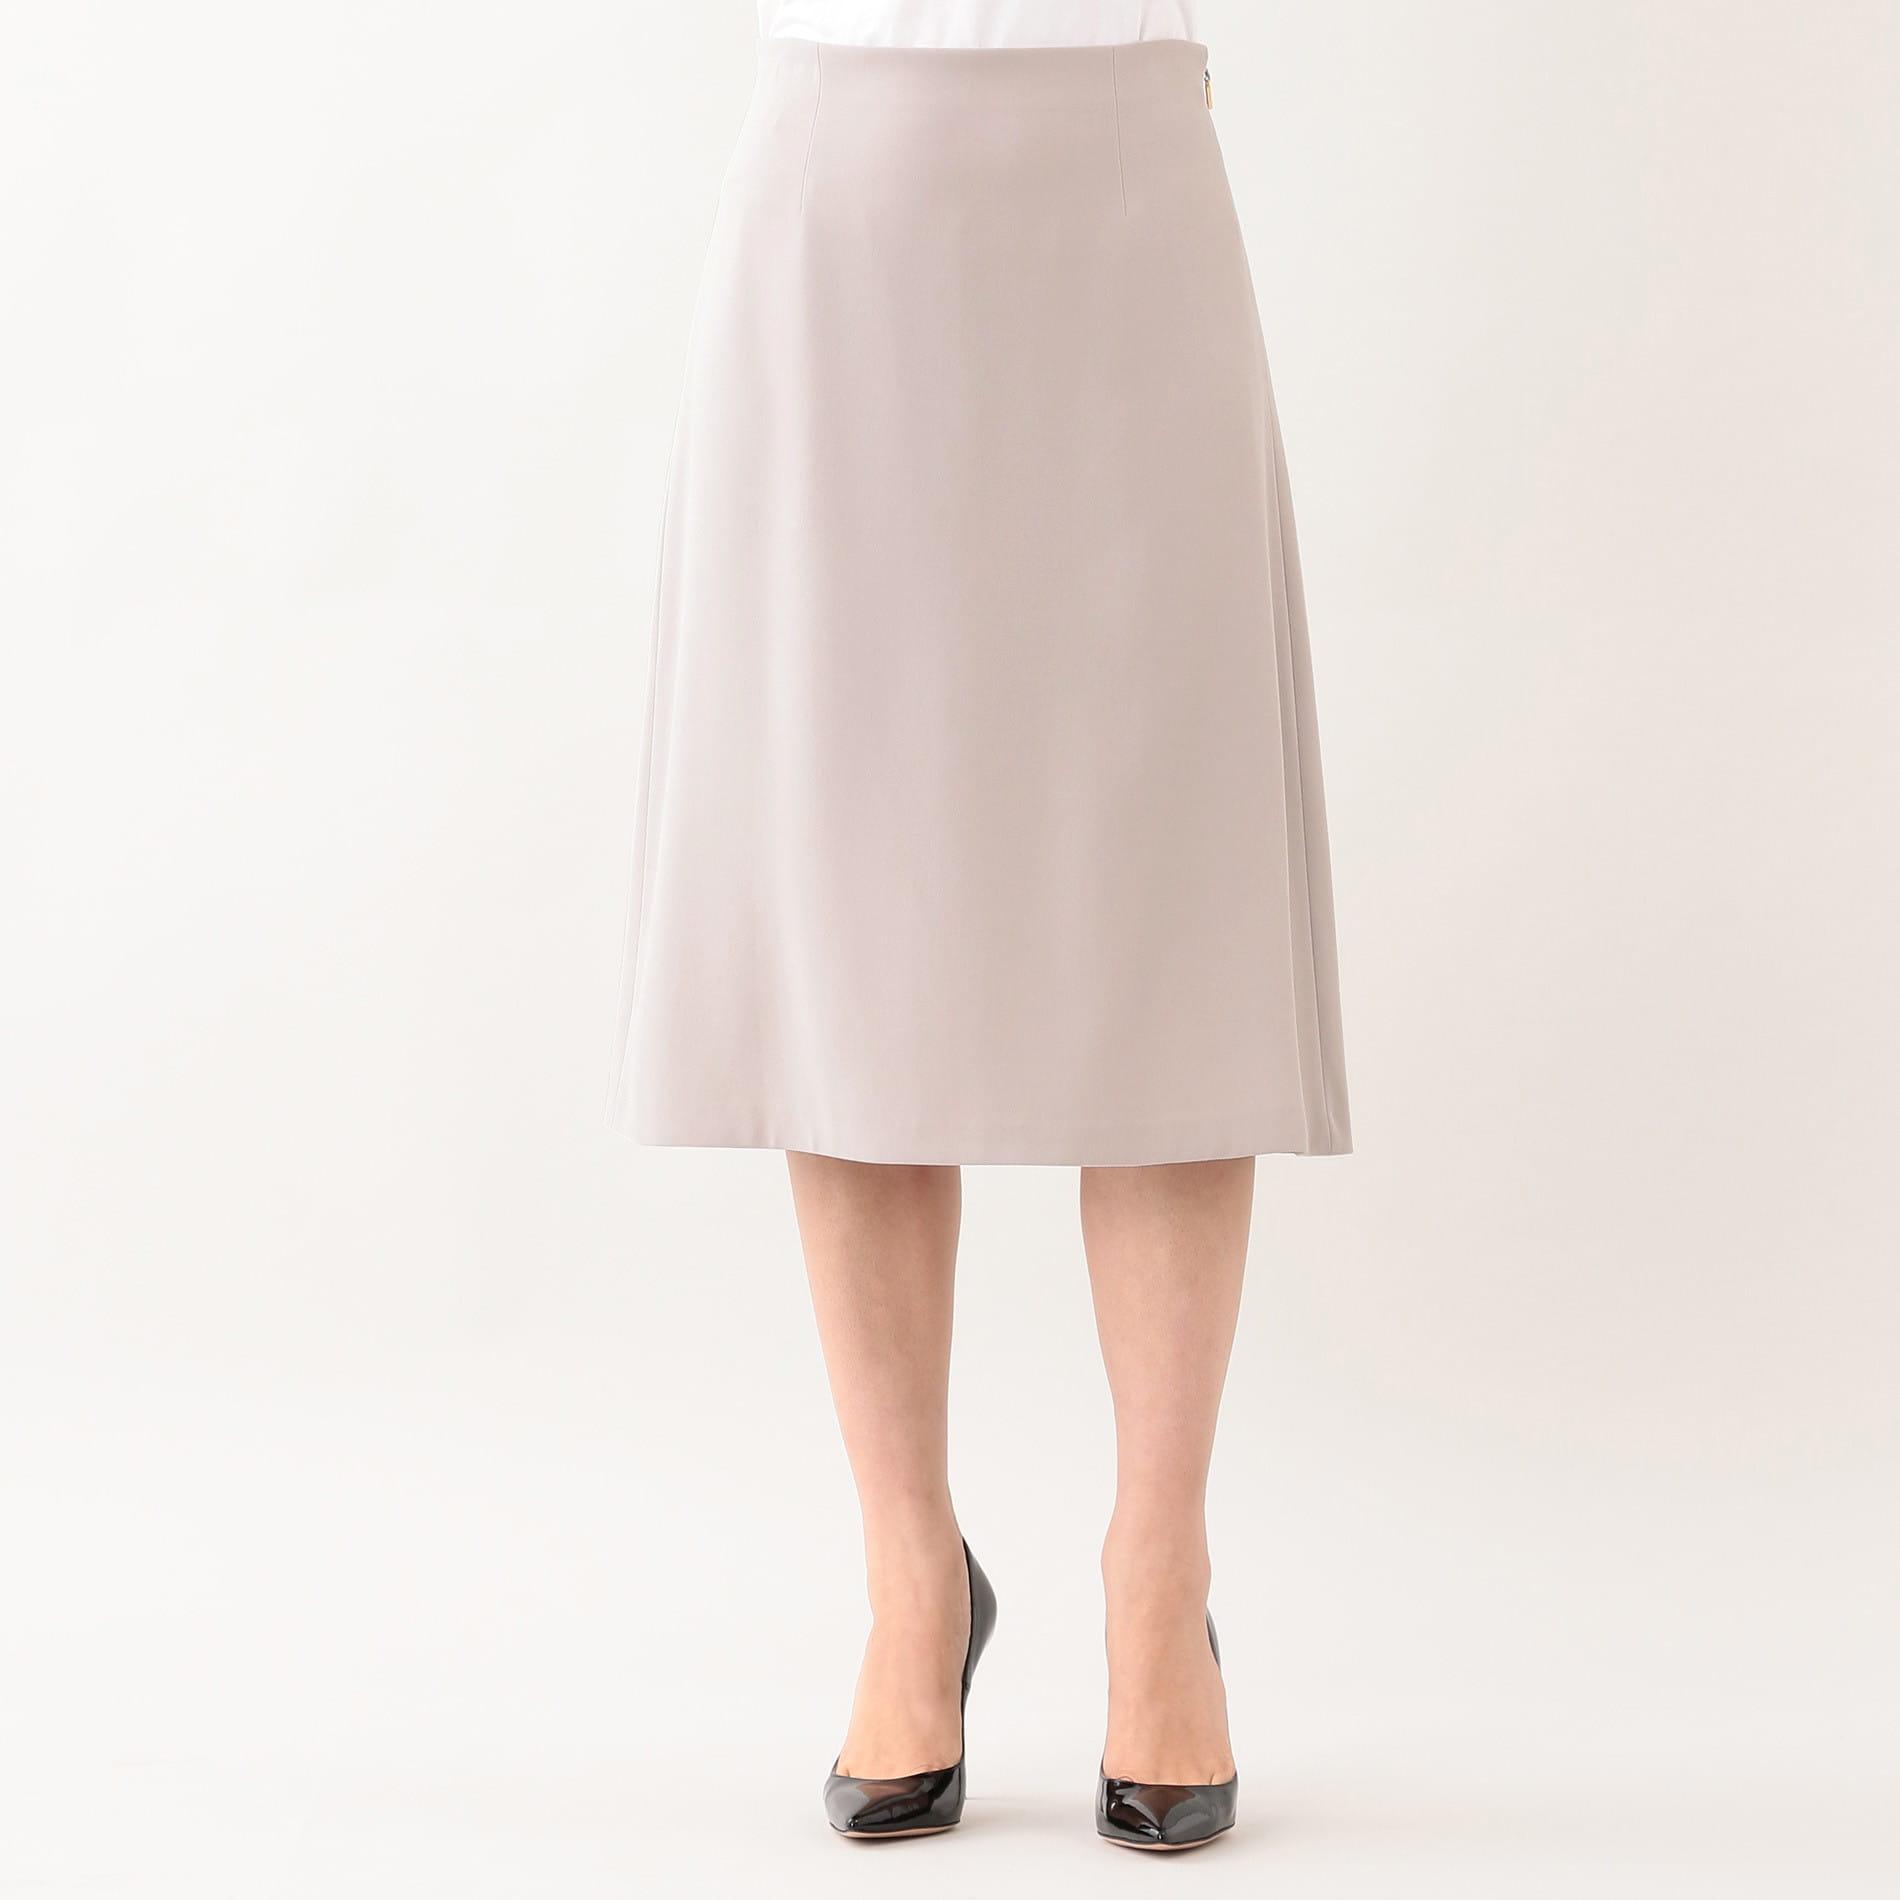 バックサテンアムンゼン スカート